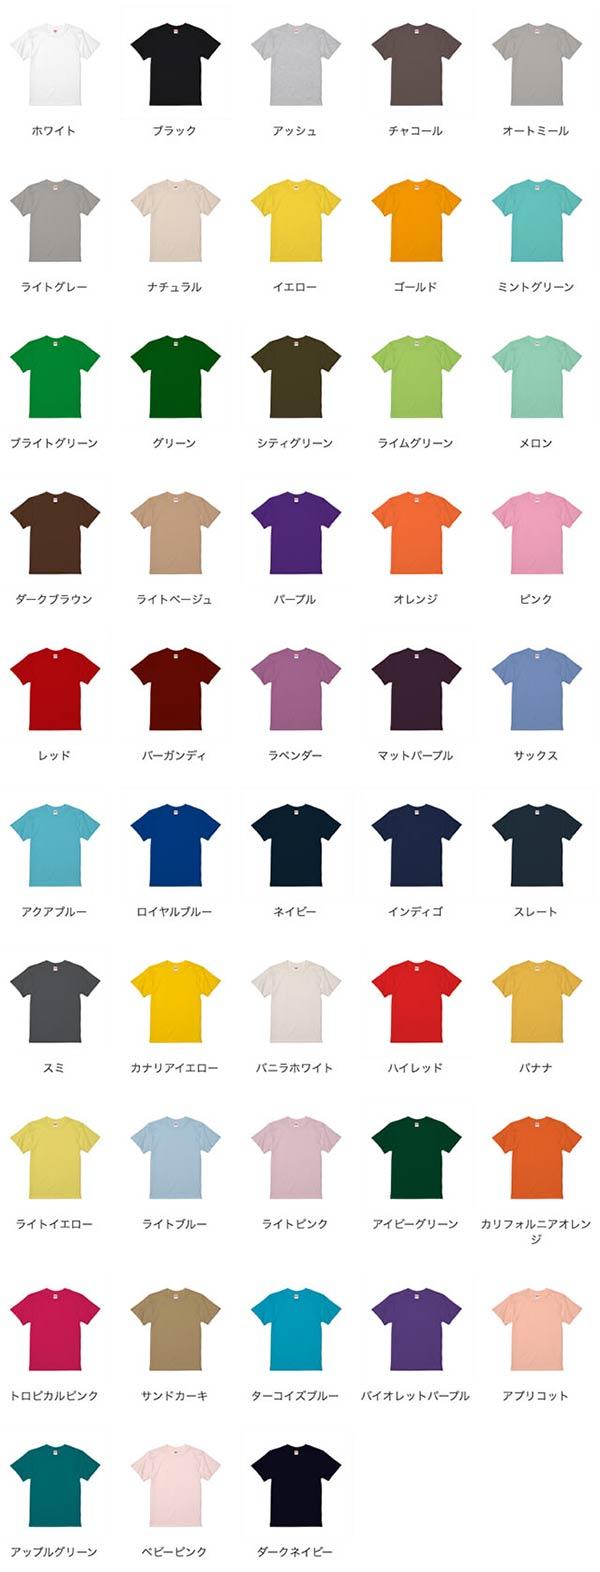 ハイグレードTシャツのカラー展開